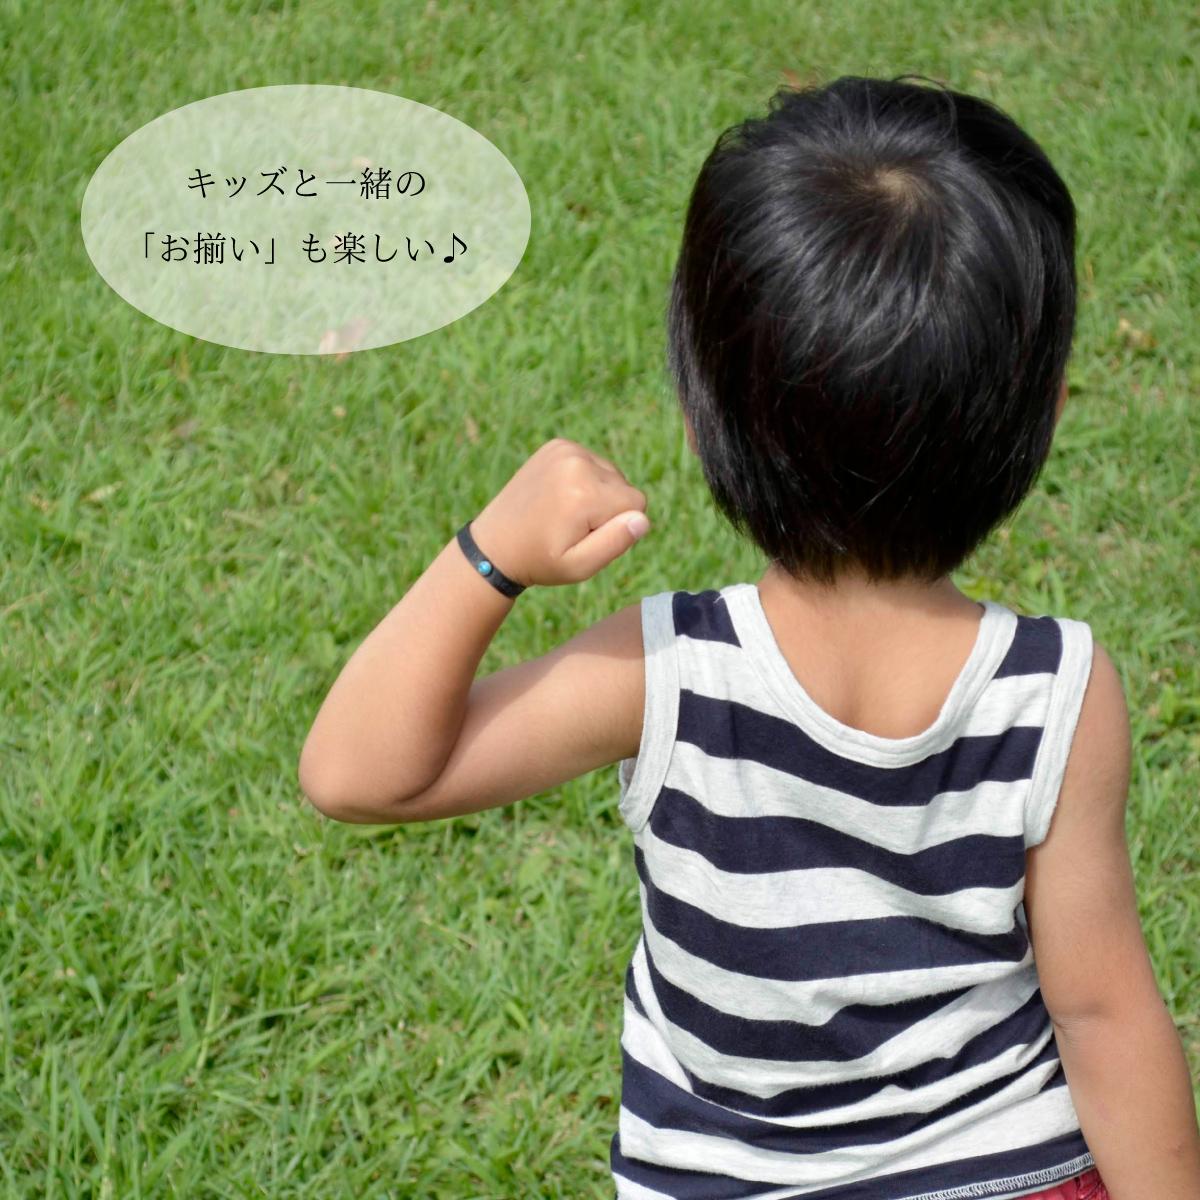 【単品ブレスレット】 フェイクレザーバンド <金具留めタイプ>  友達・家族・グループ 【メール便対応】(klb017 mail